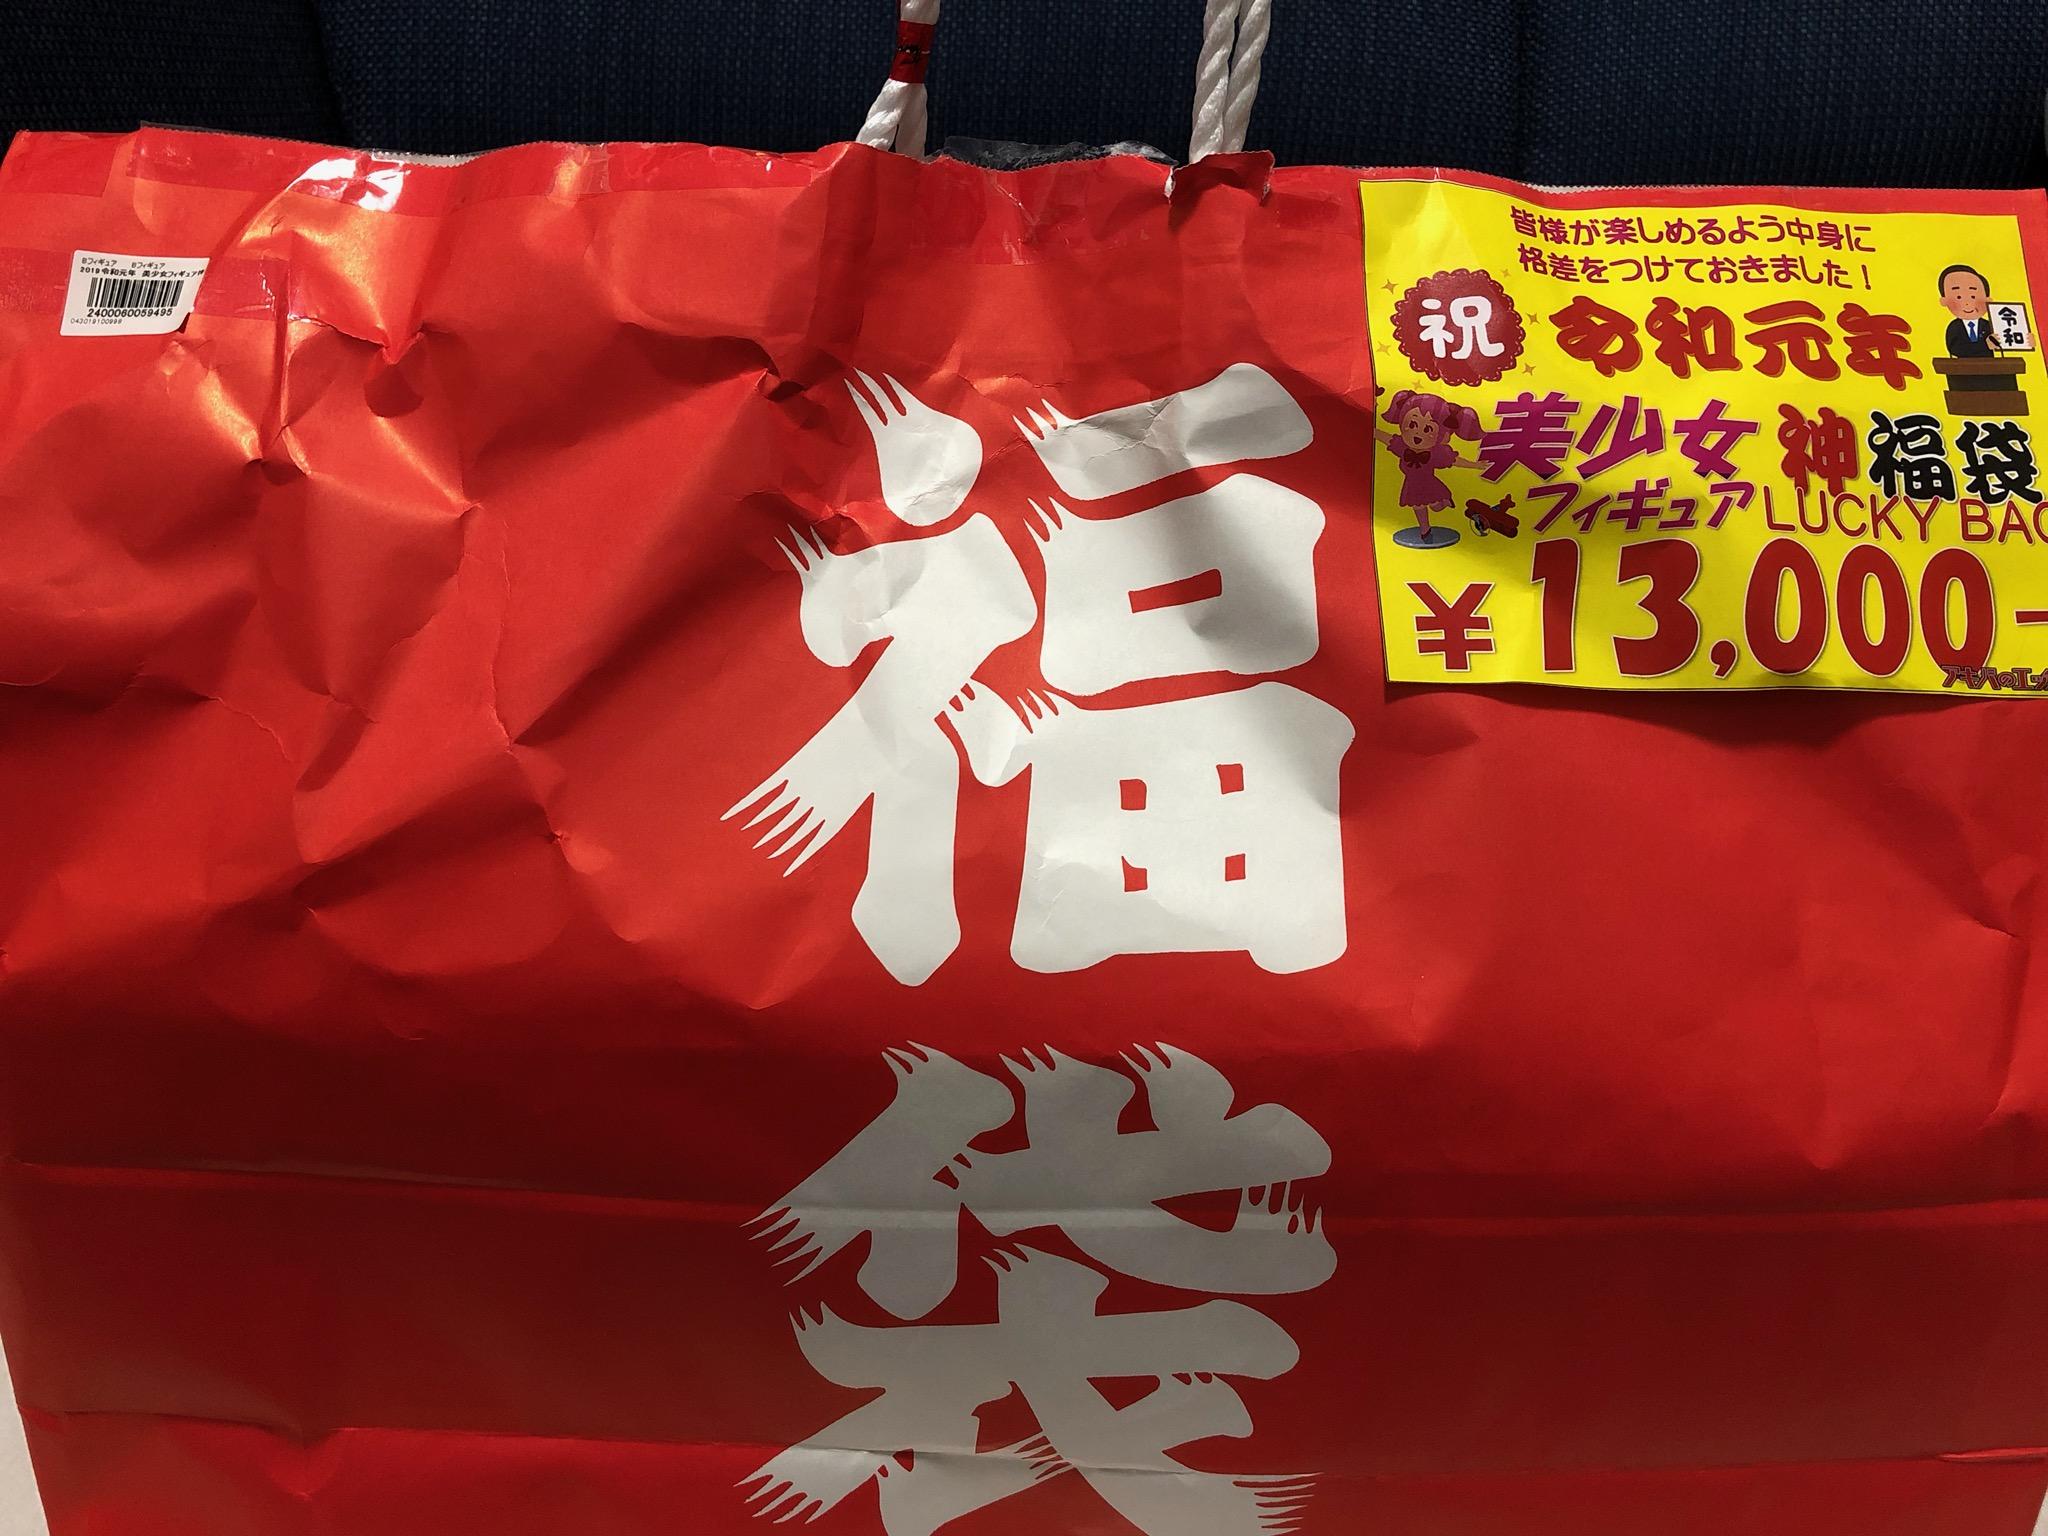 福袋 | Fig速-フィギュア・プラモ 新作ホビー情報まとめ